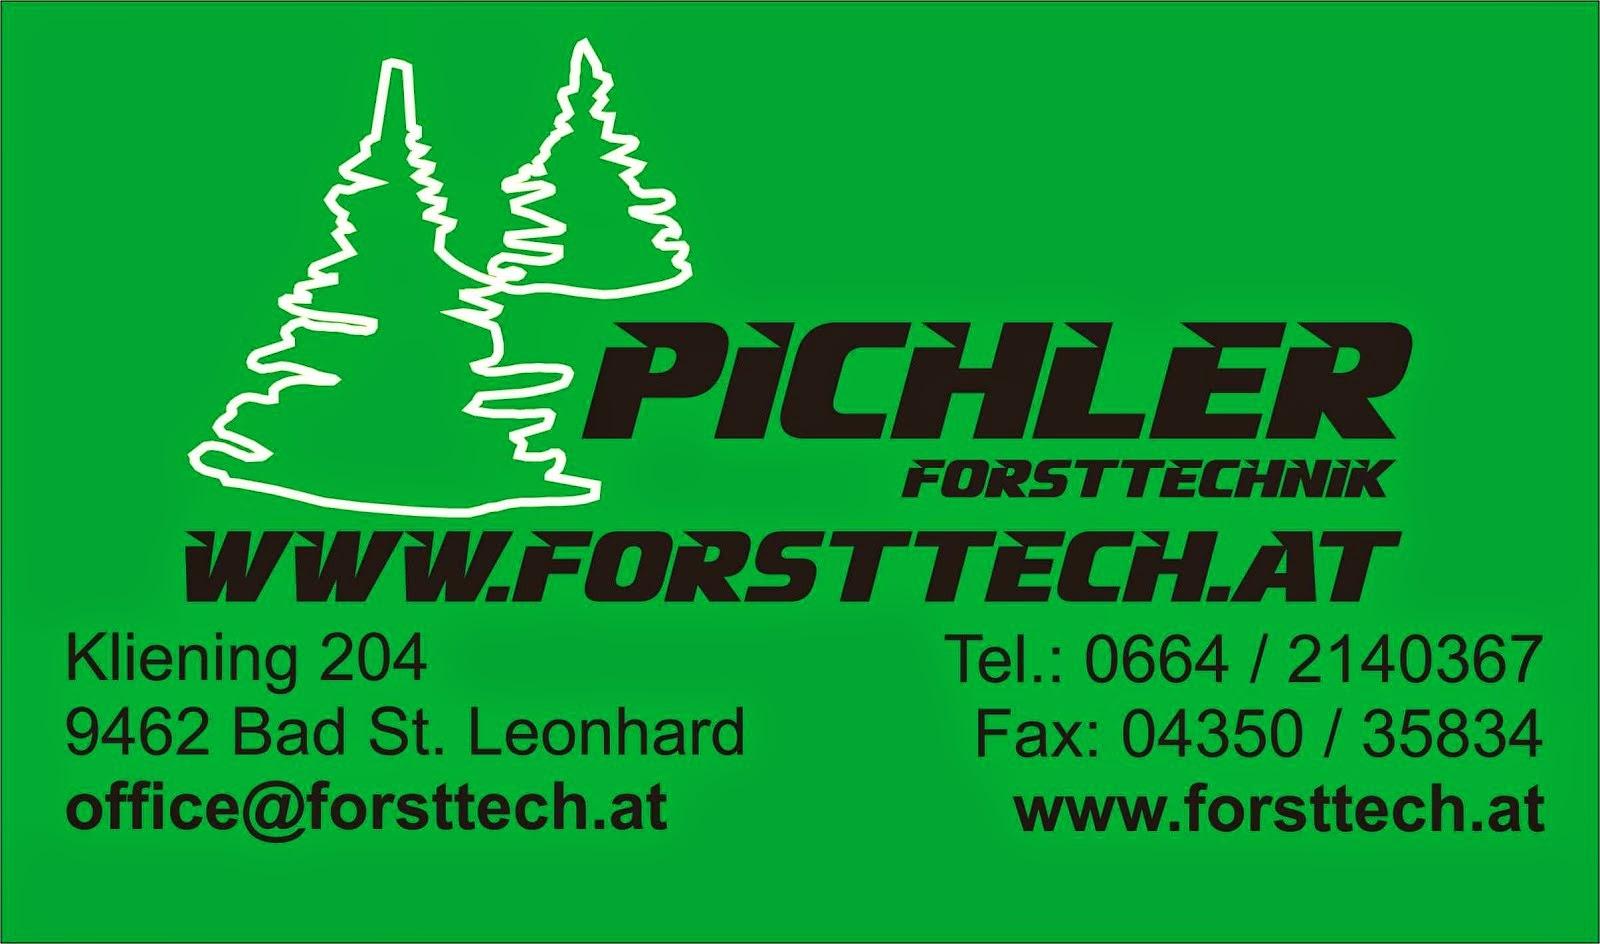 Pichler Forsttechnik